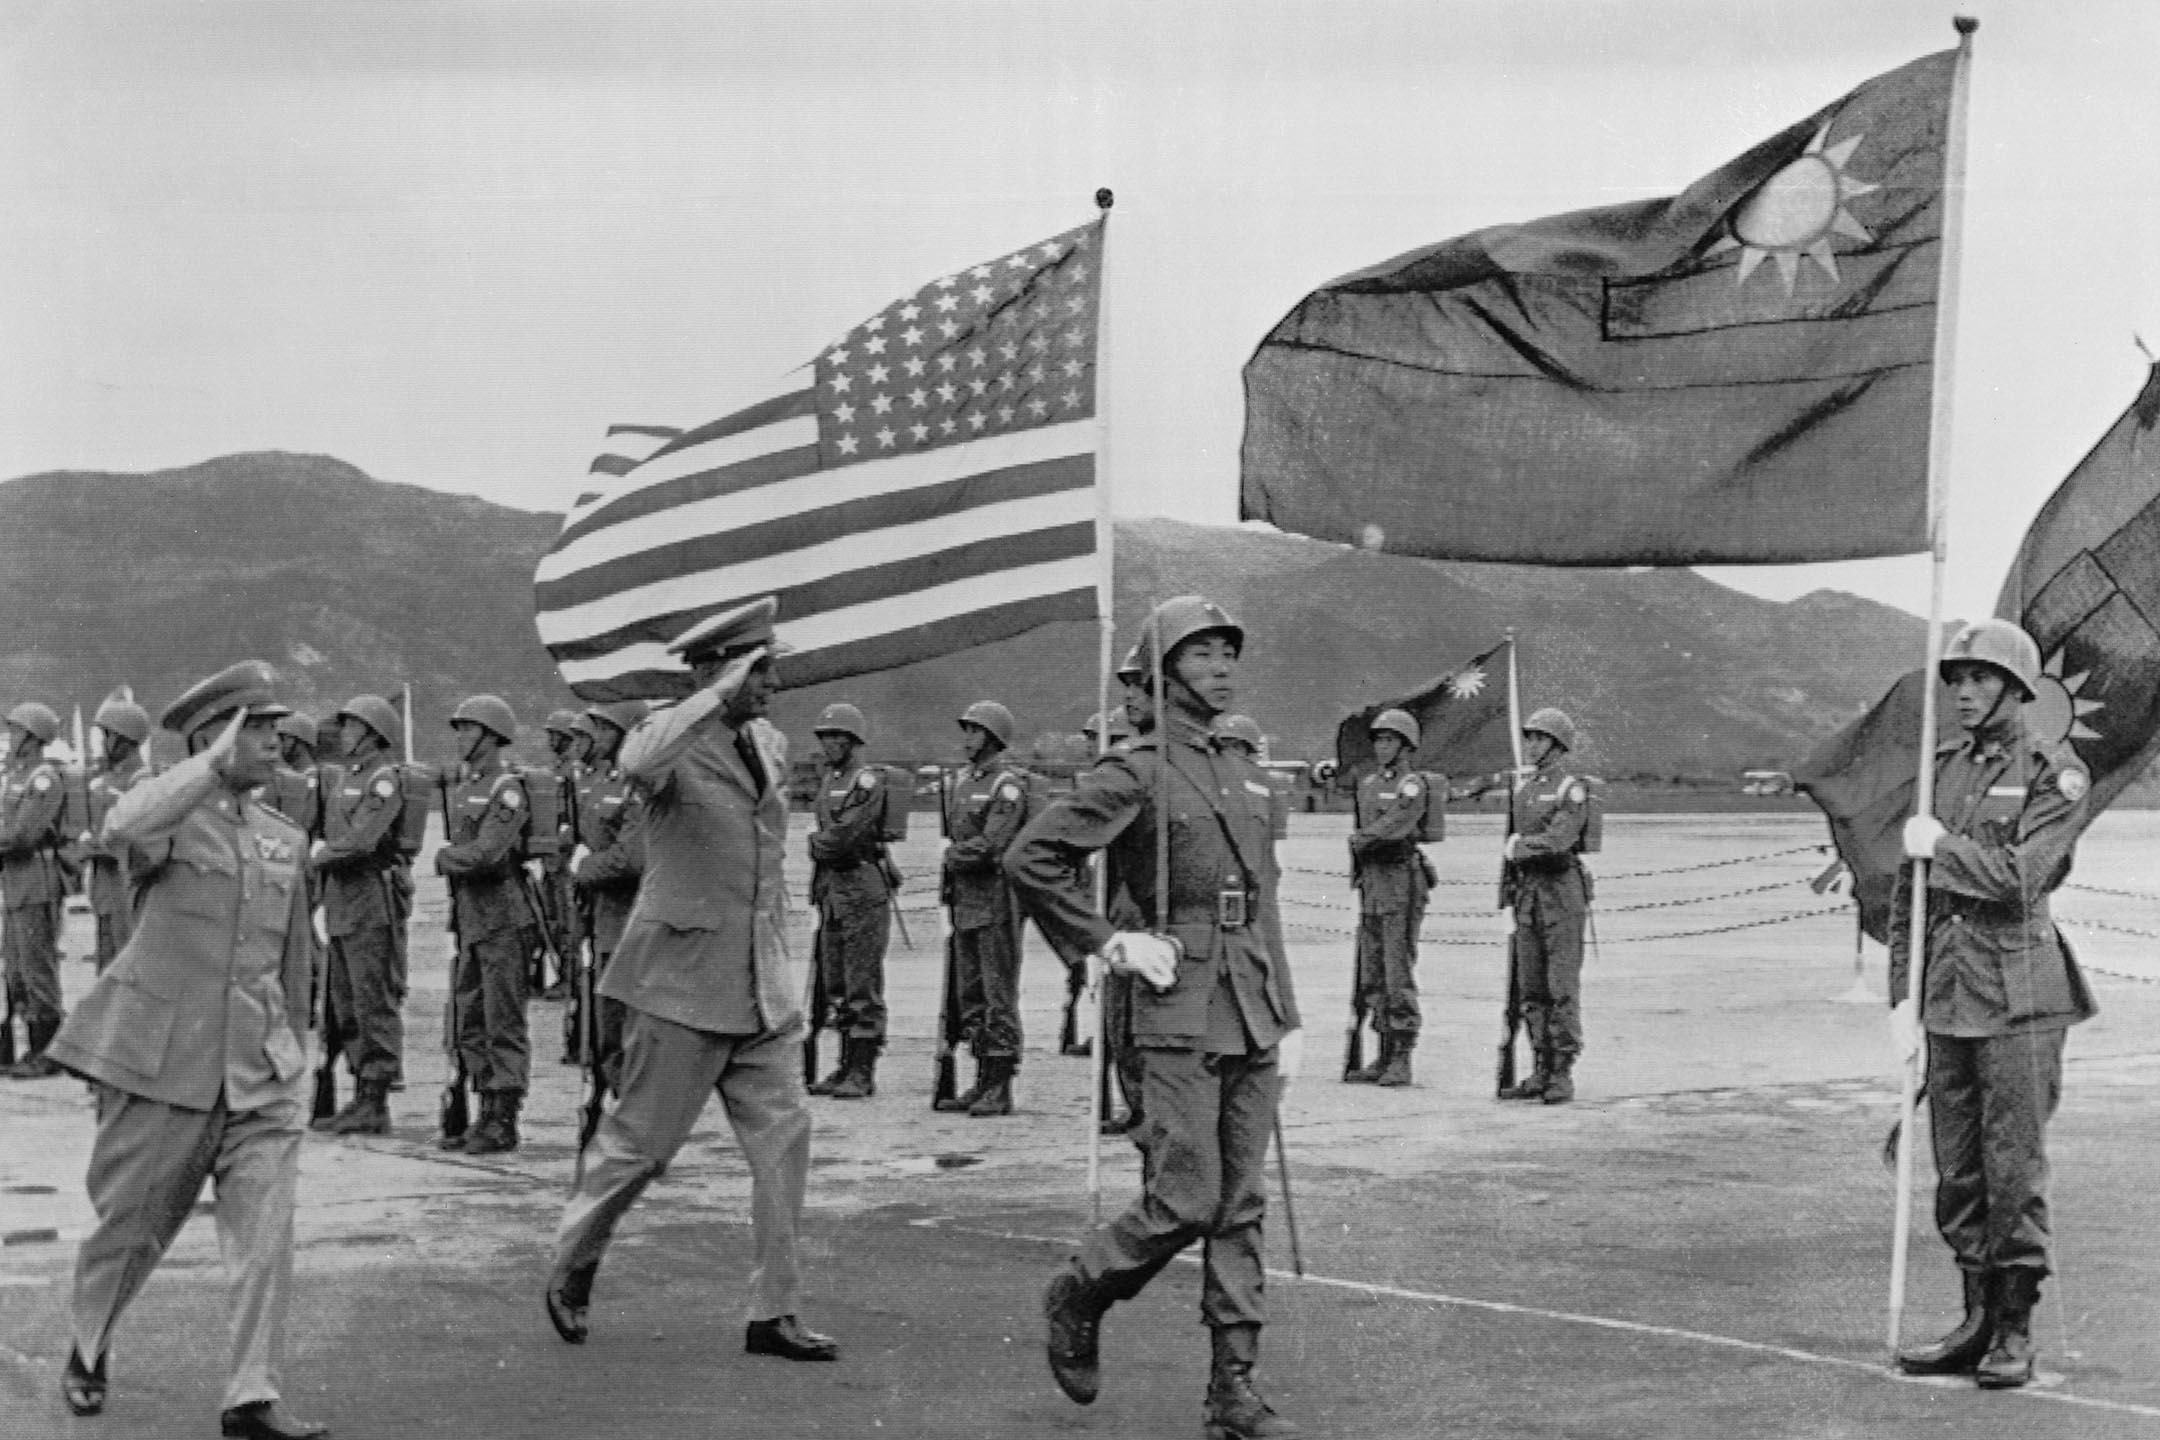 1954年10月2日台灣,駐韓美軍麥克斯韋·泰勒司令(Gen. Maxwell D. Taylor)檢閱台灣的中國國民黨軍隊。